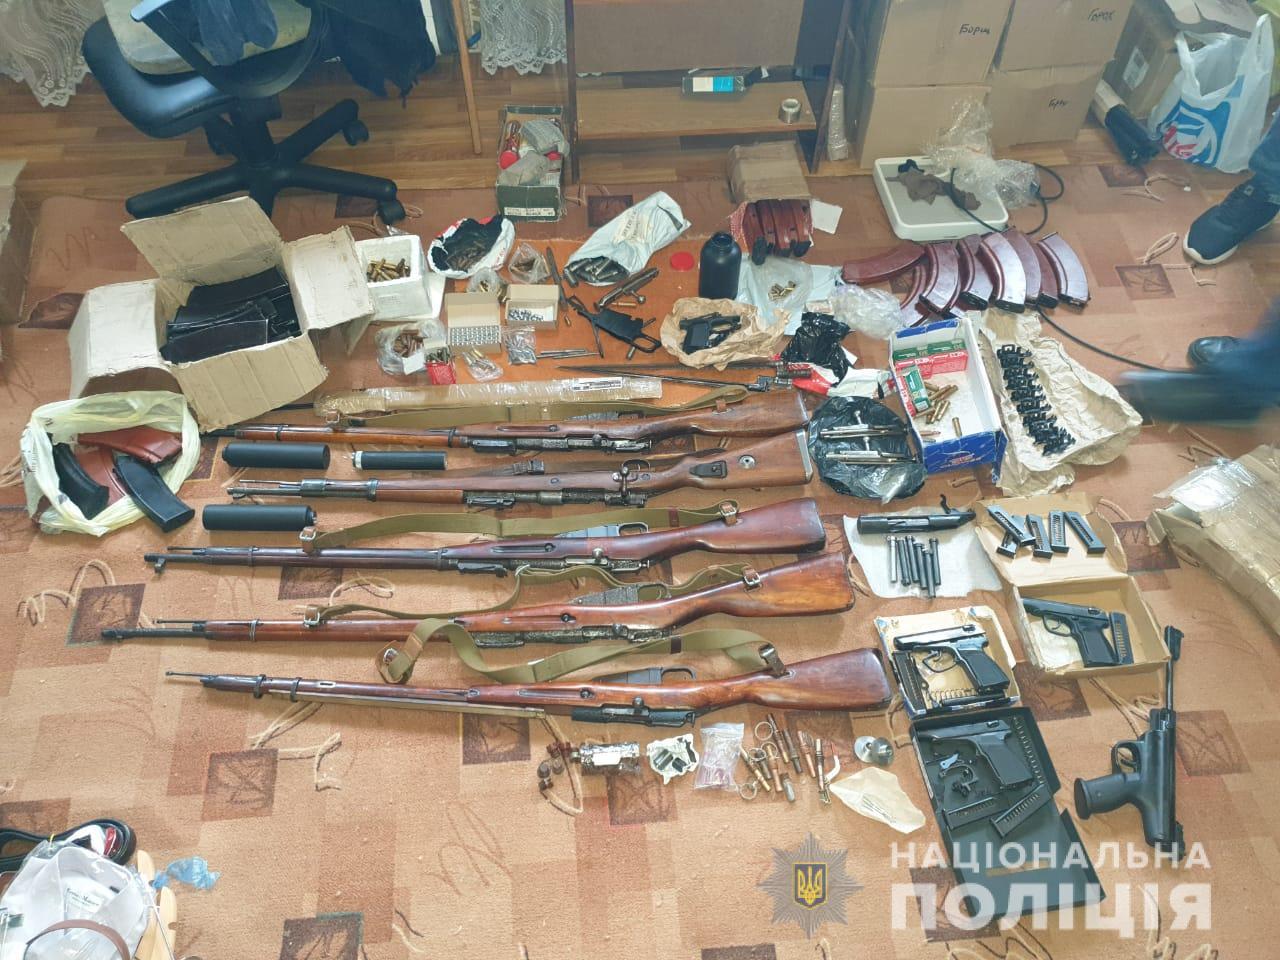 Винтовки, карабины и запчасти гранат - склад оружия под Харьковом